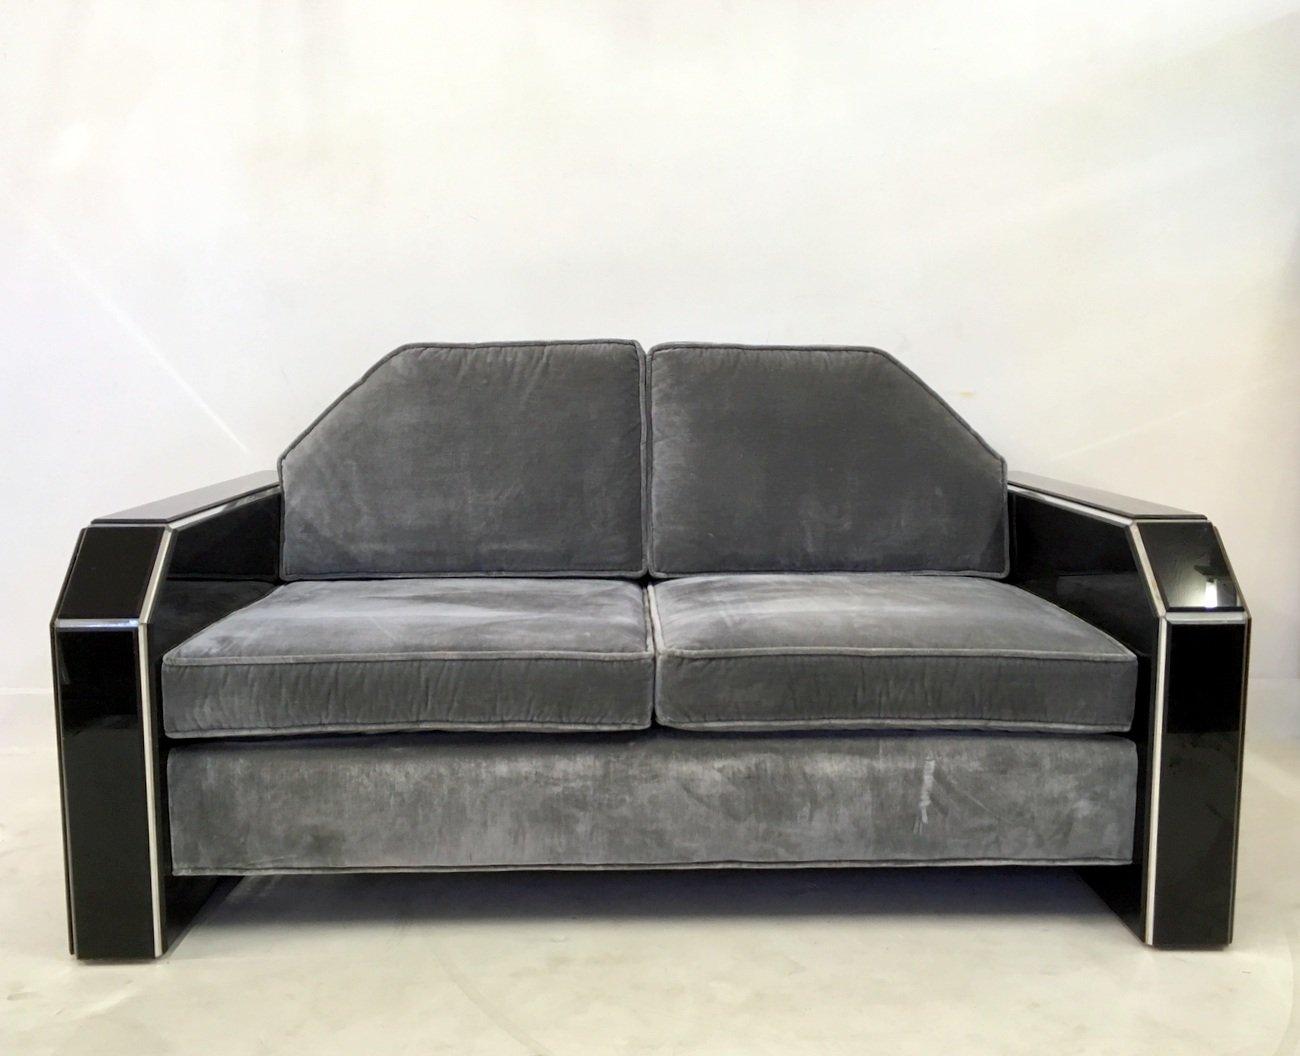 amerikanisches vintage plexiglas samt sofa und couchtisch bei pamono kaufen. Black Bedroom Furniture Sets. Home Design Ideas